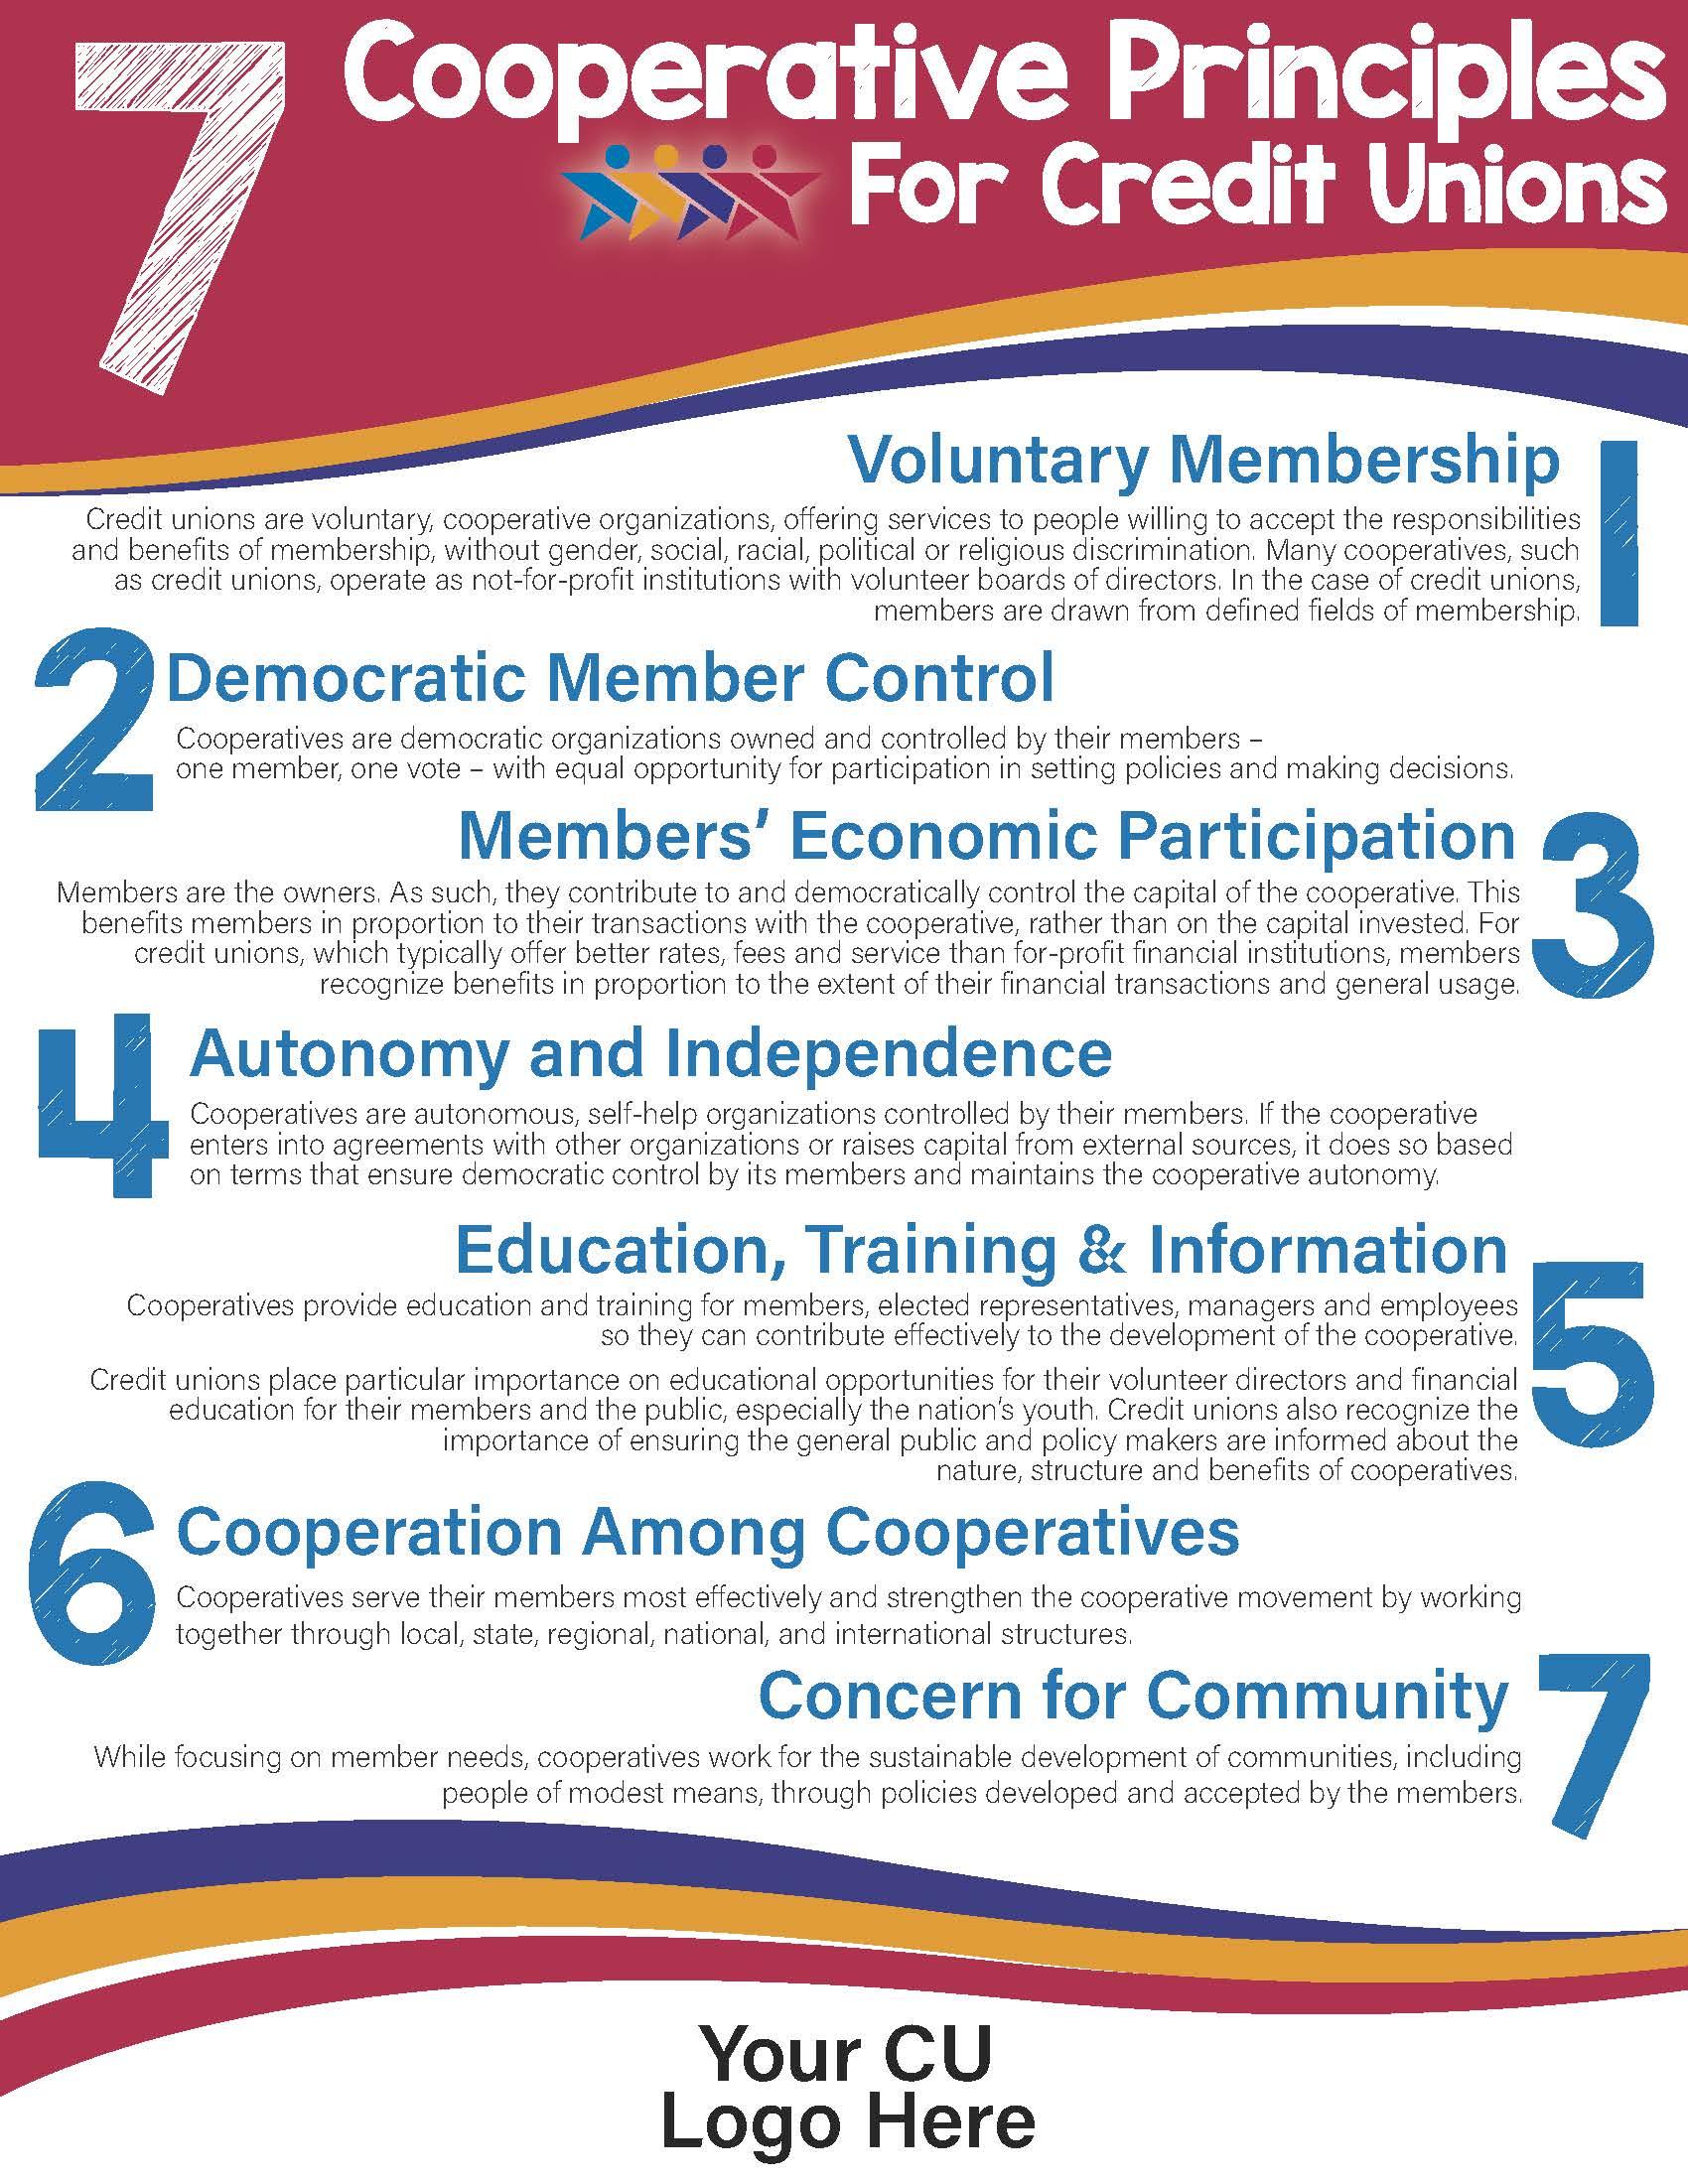 CCUA's 7 Cooperative Prinicples for Credit Unions